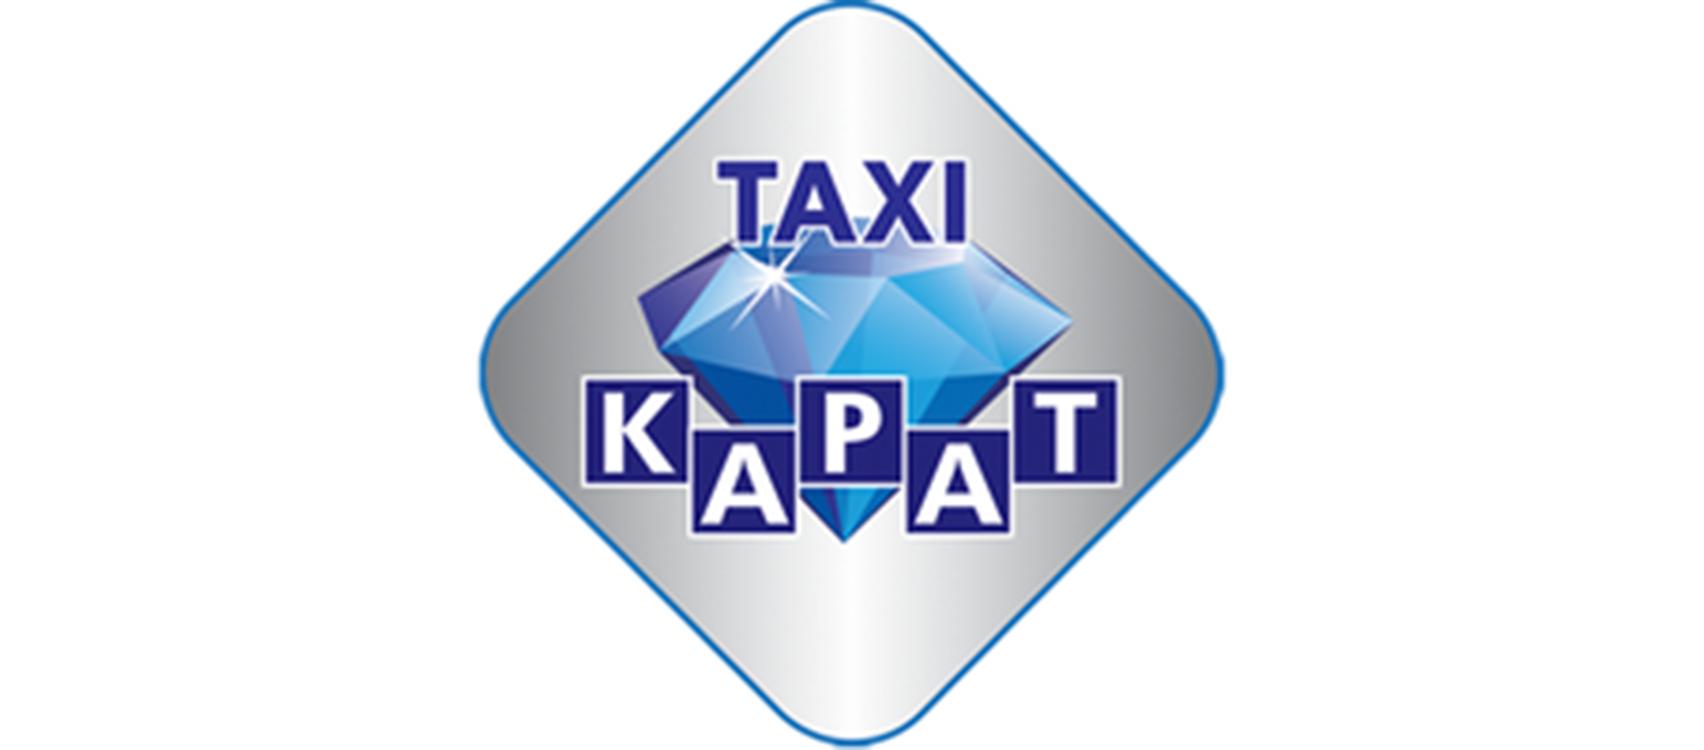 Таксі Карат  (Київ)